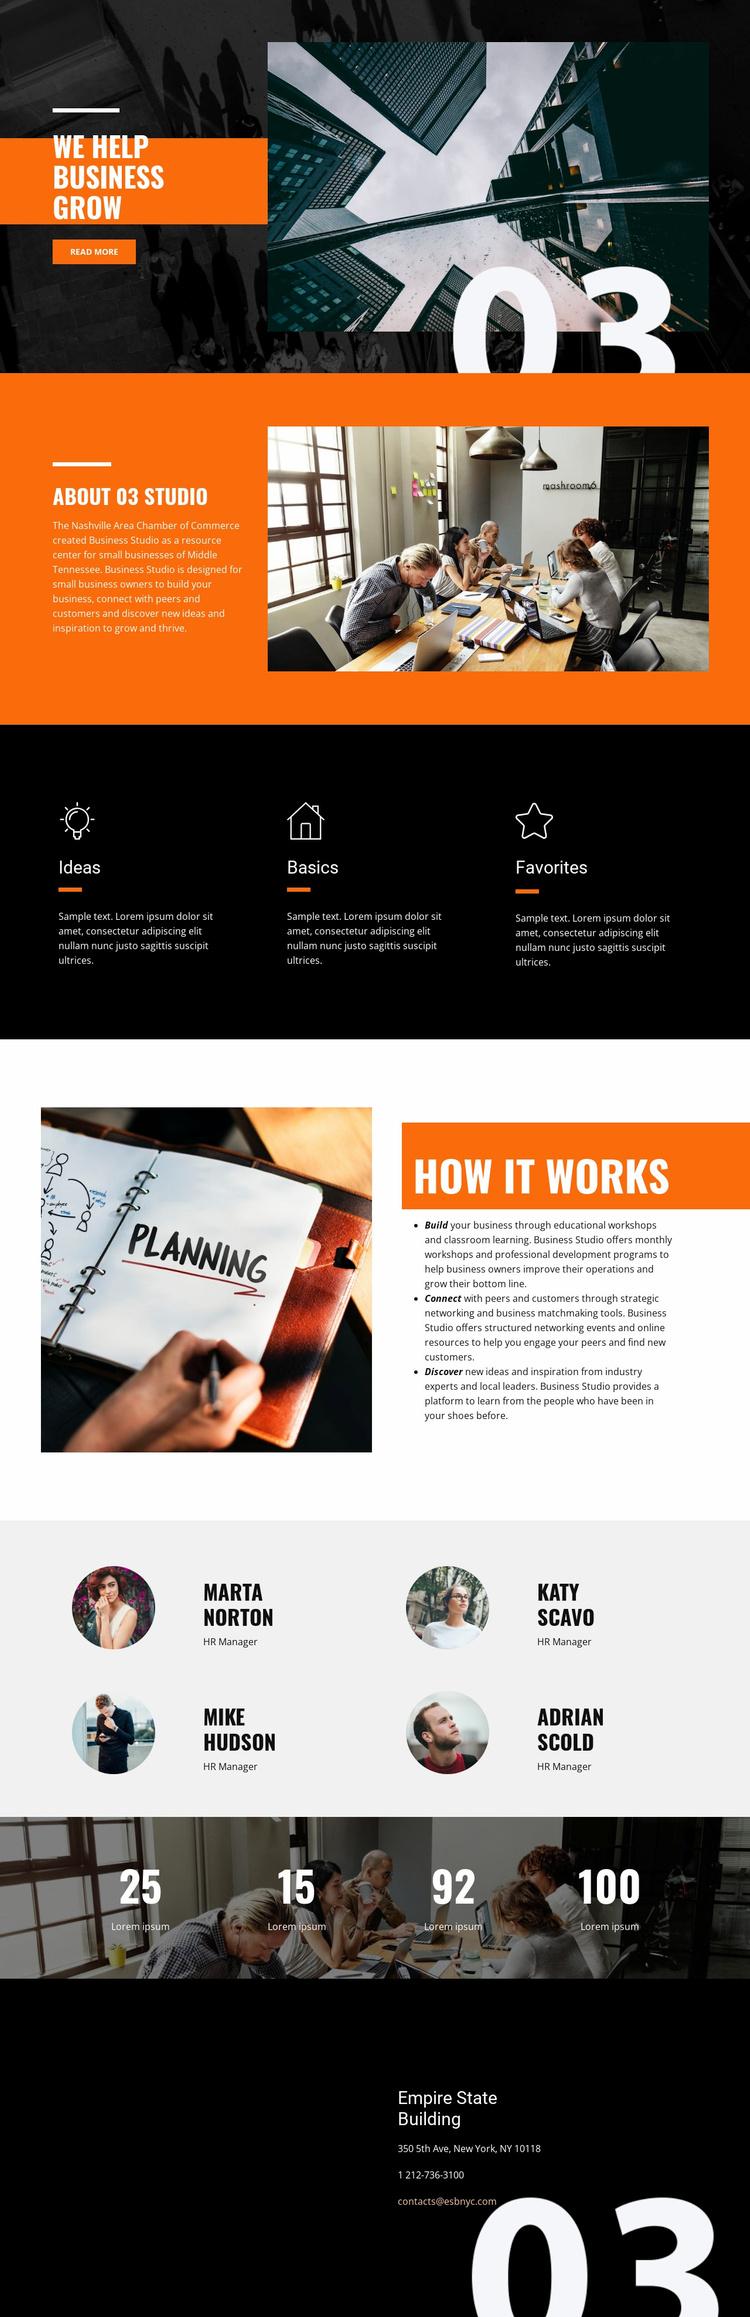 Business Grow Website Template